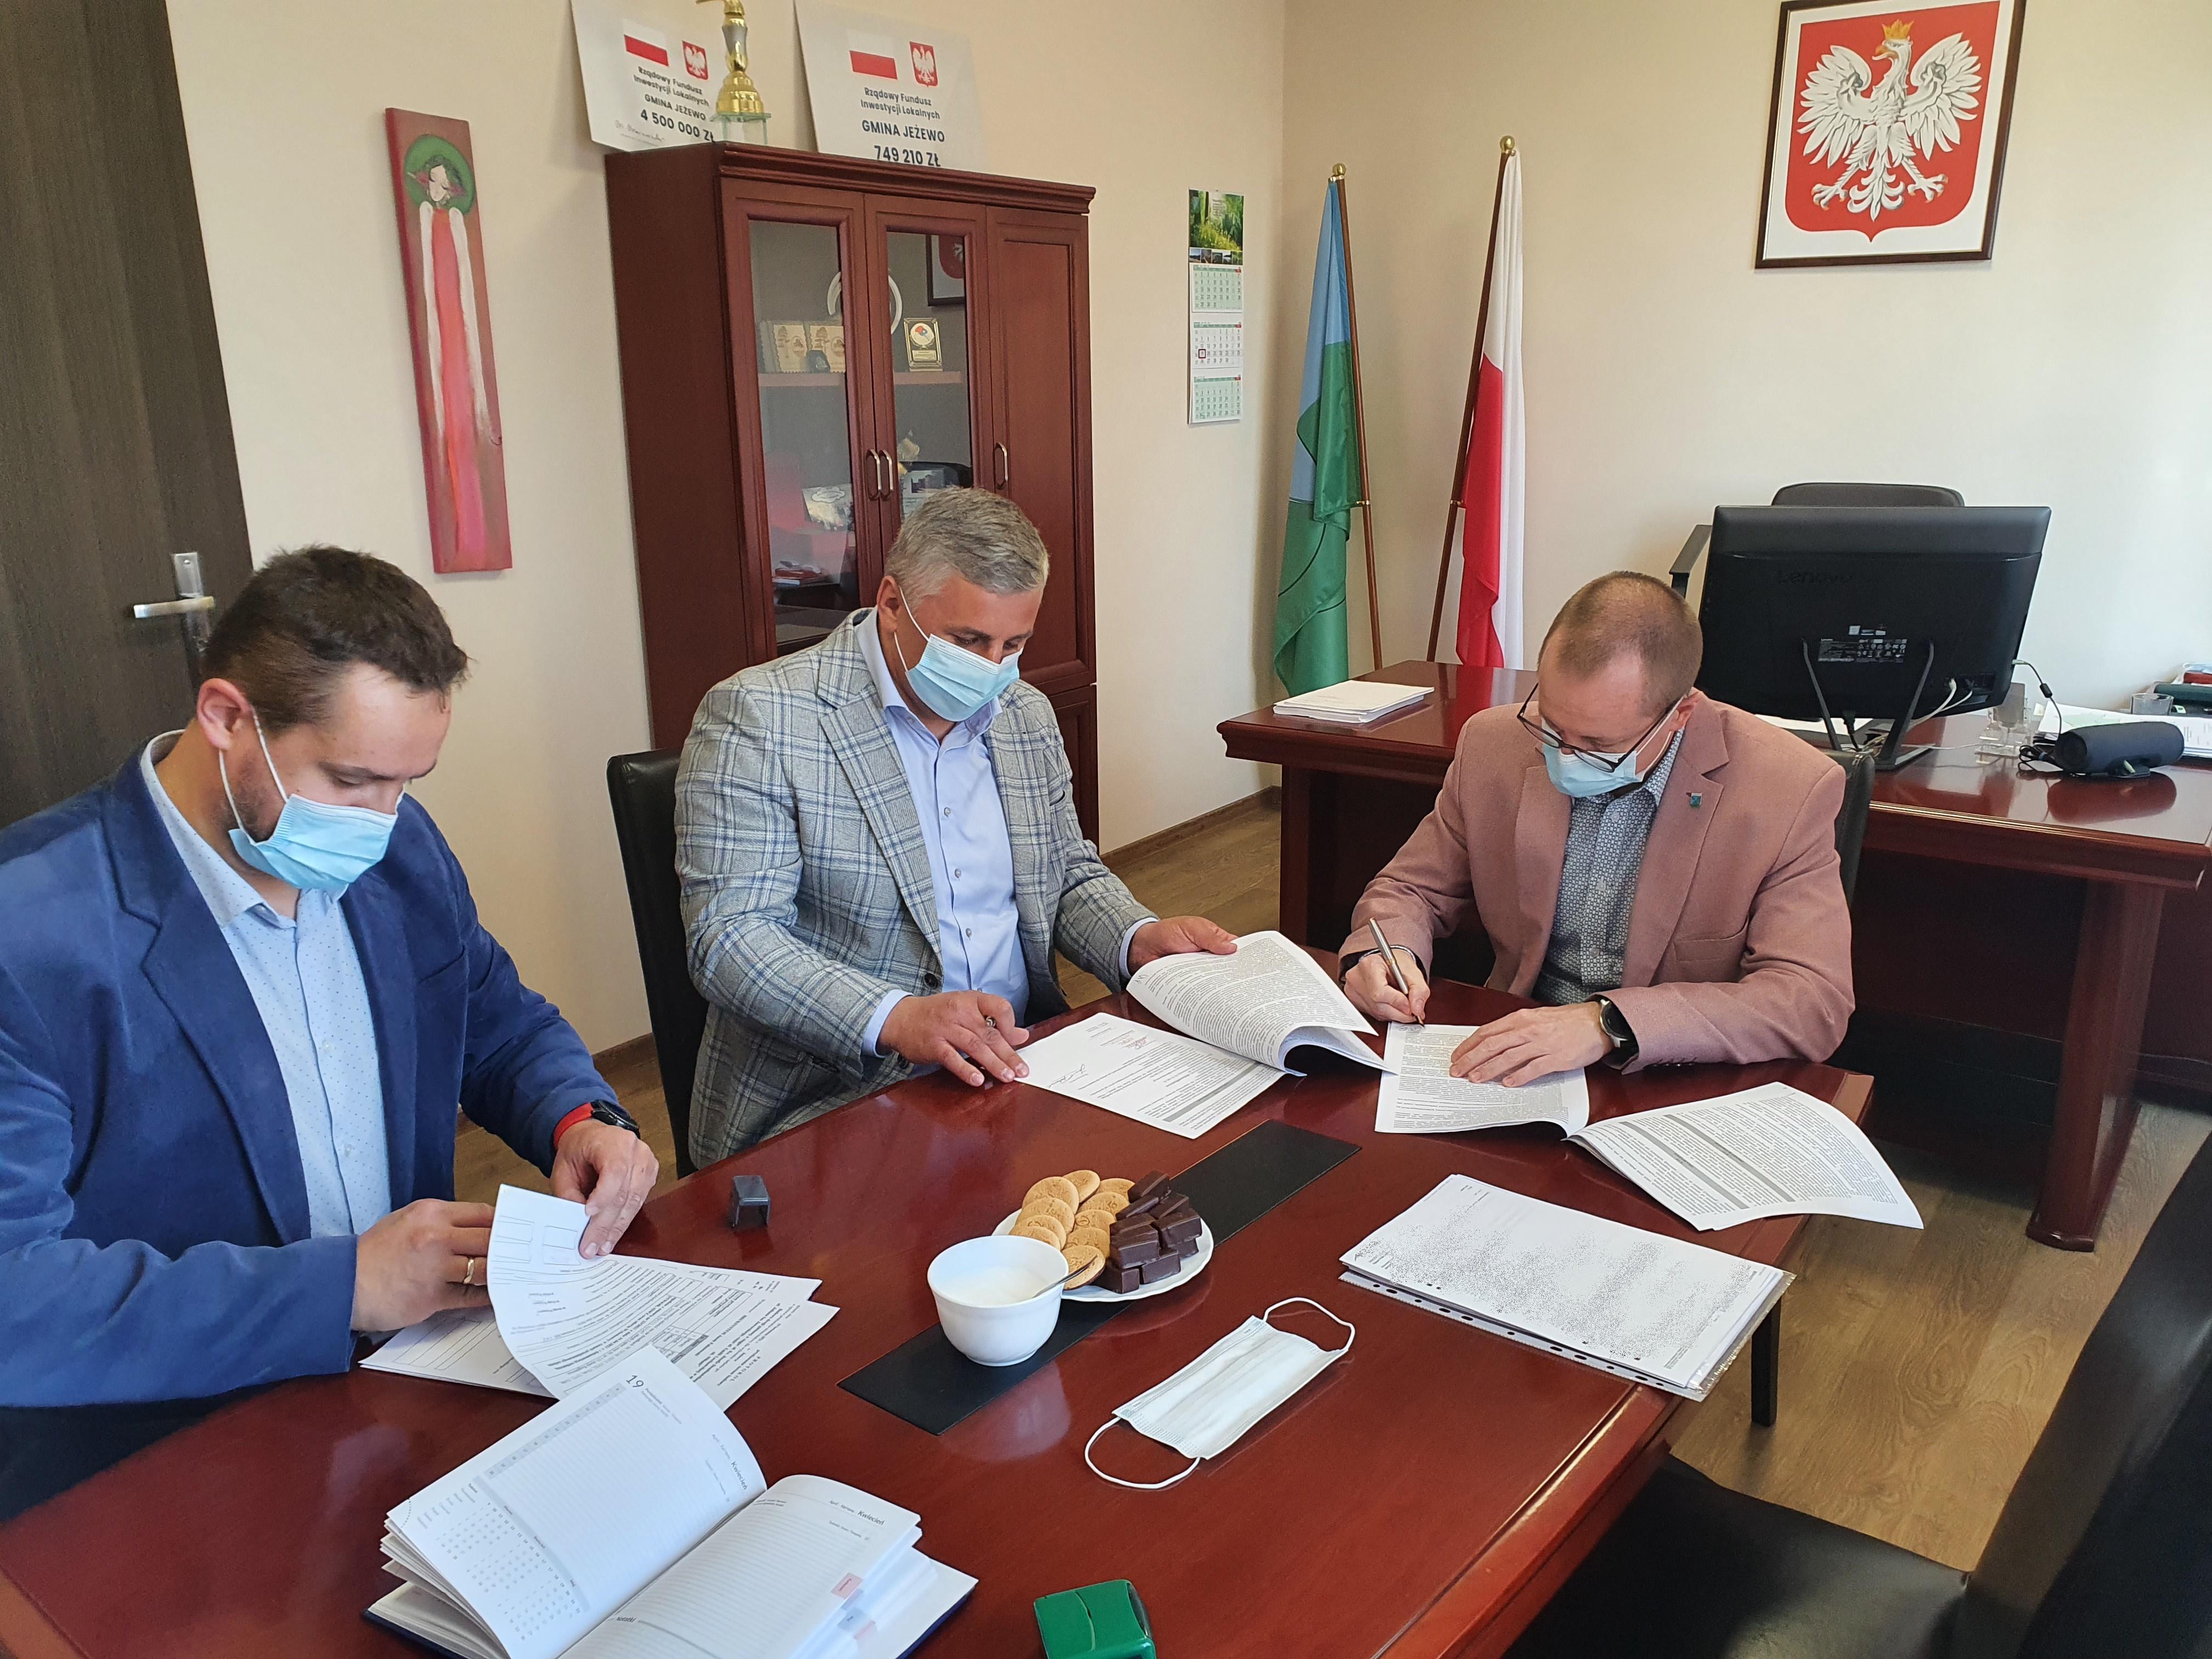 Podpisanie umowy na budowę drogi gminnej w Laskowicach